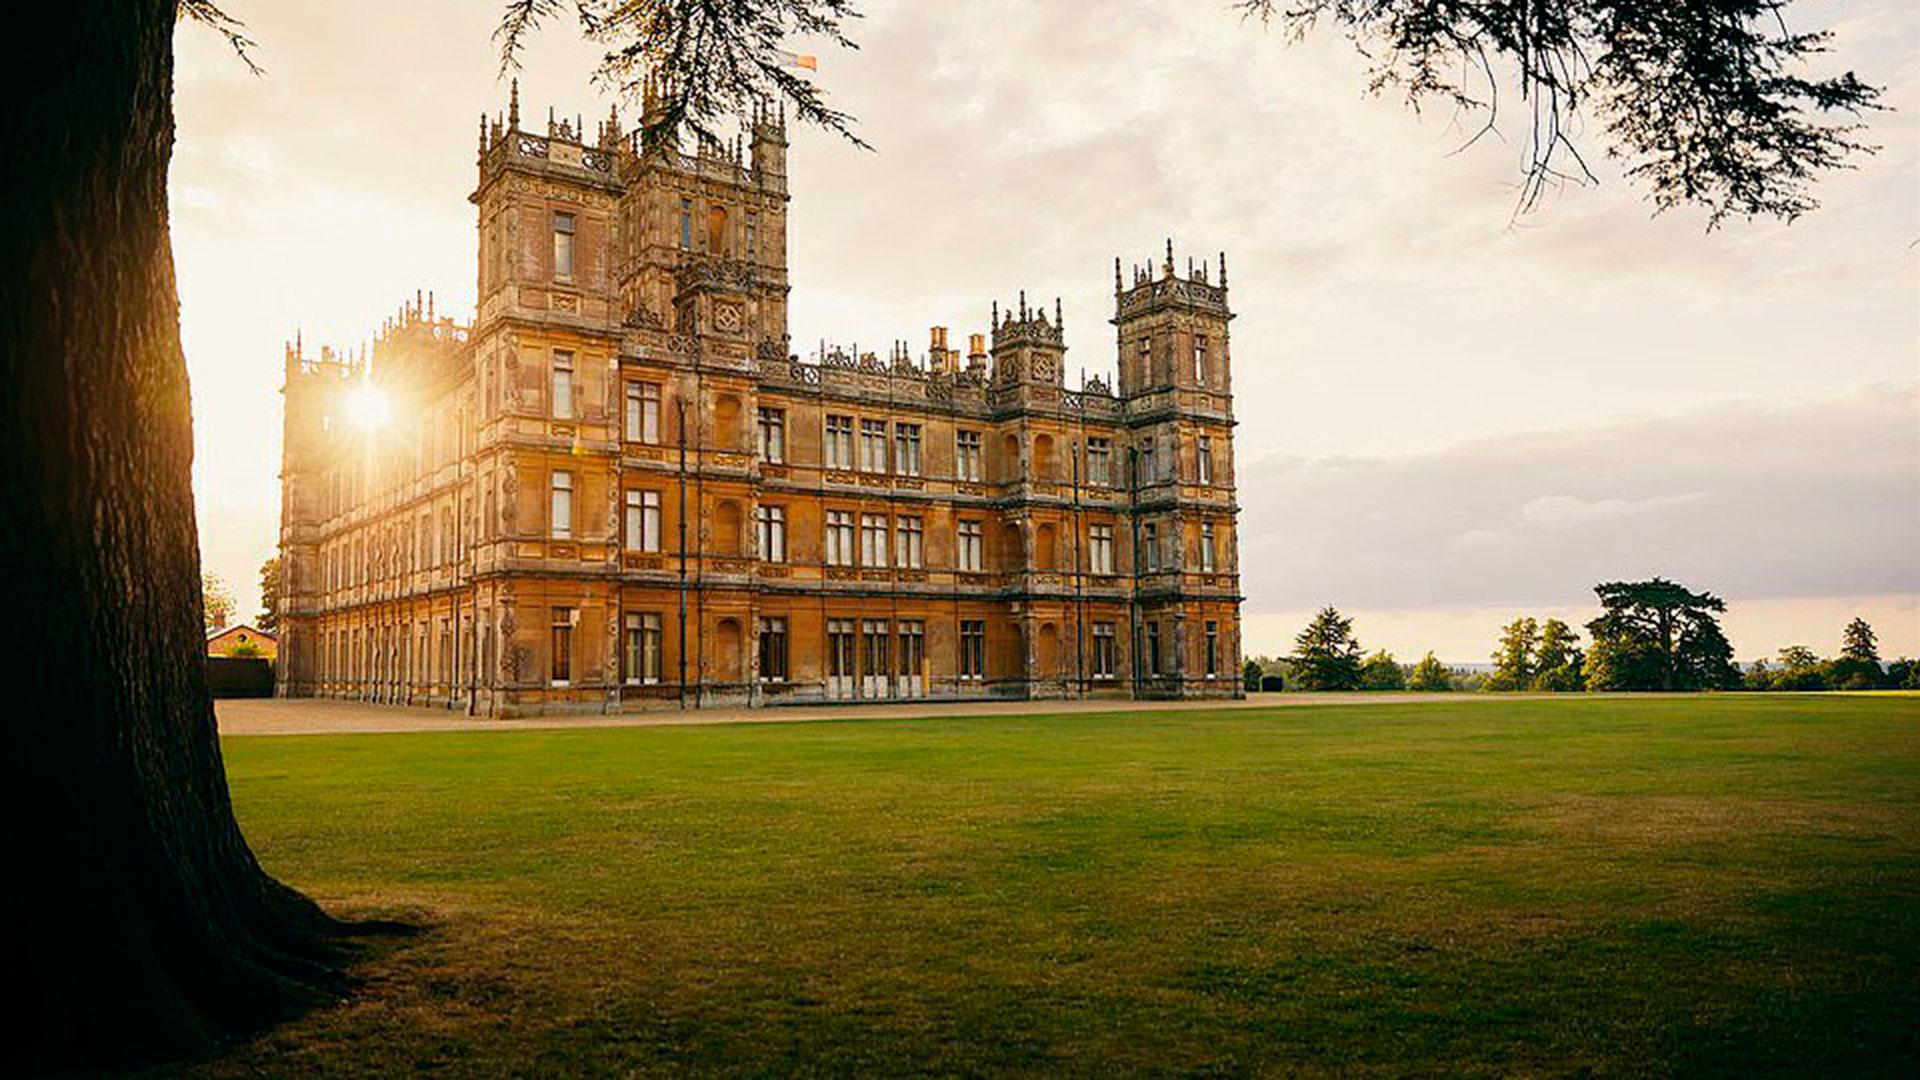 El Castillo De Downton Abbey Disponible Para Alquilar Por